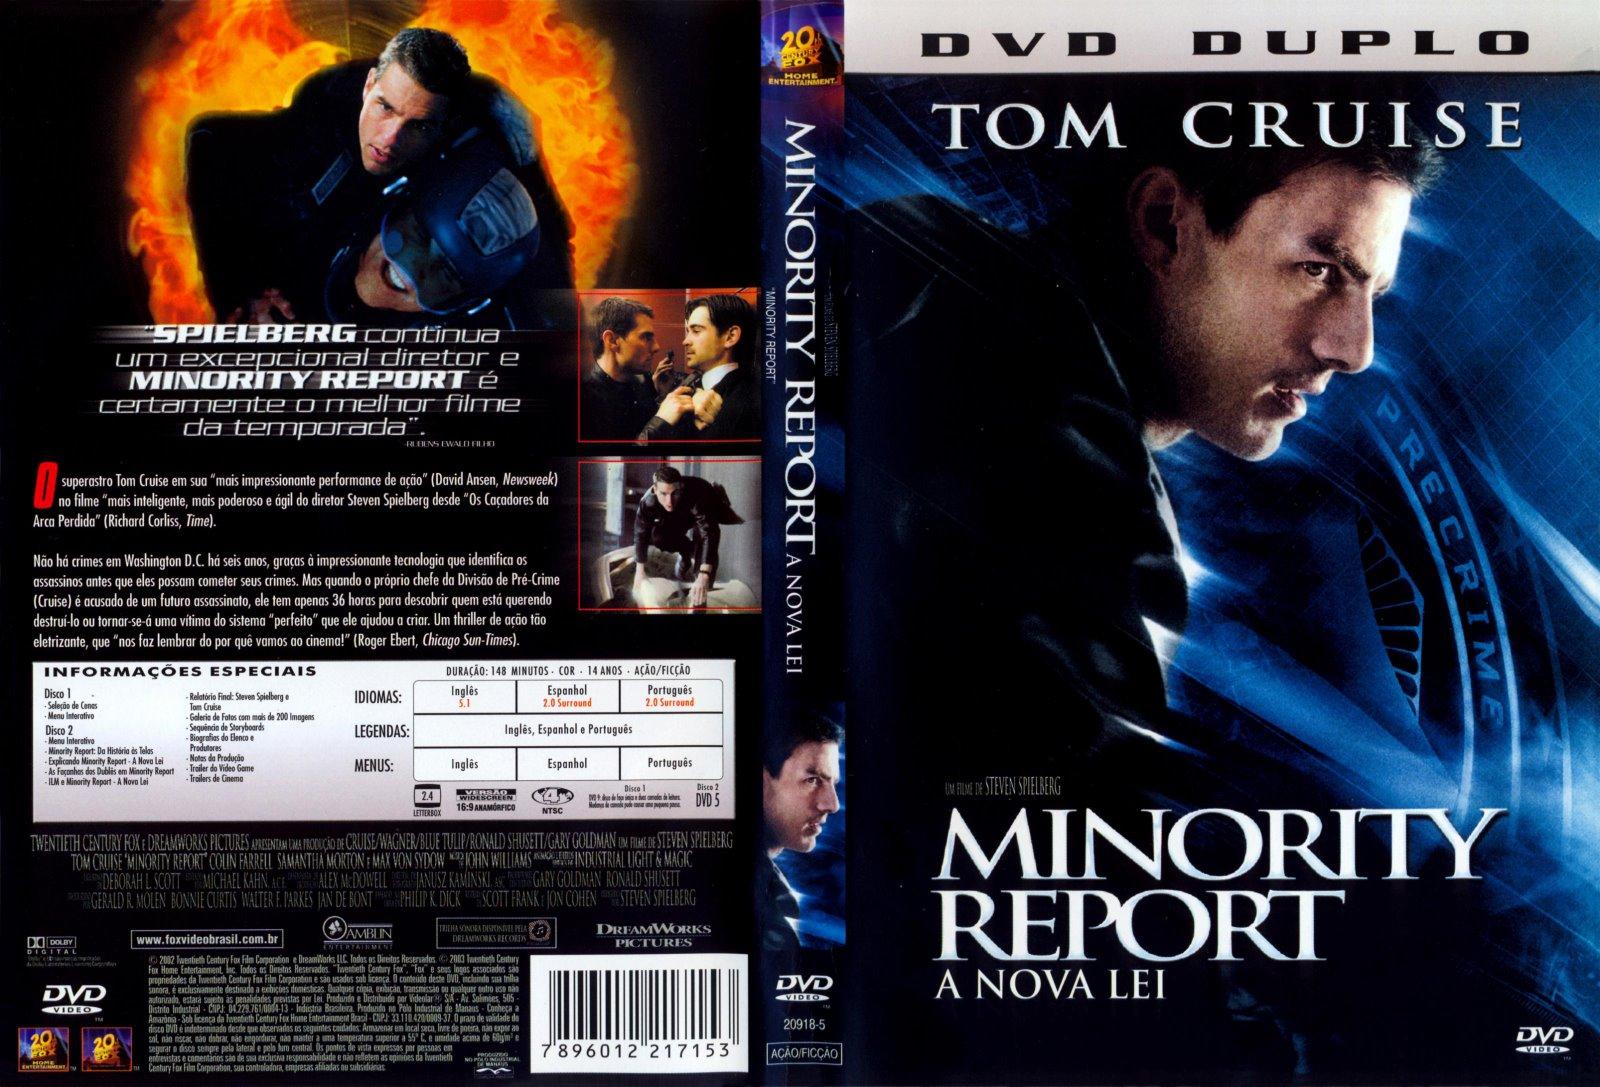 http://3.bp.blogspot.com/-wlOOrugRJFo/TaT1ouSWmOI/AAAAAAAAABM/WdyJVpYPd7k/s1600/Minority_Report.jpg